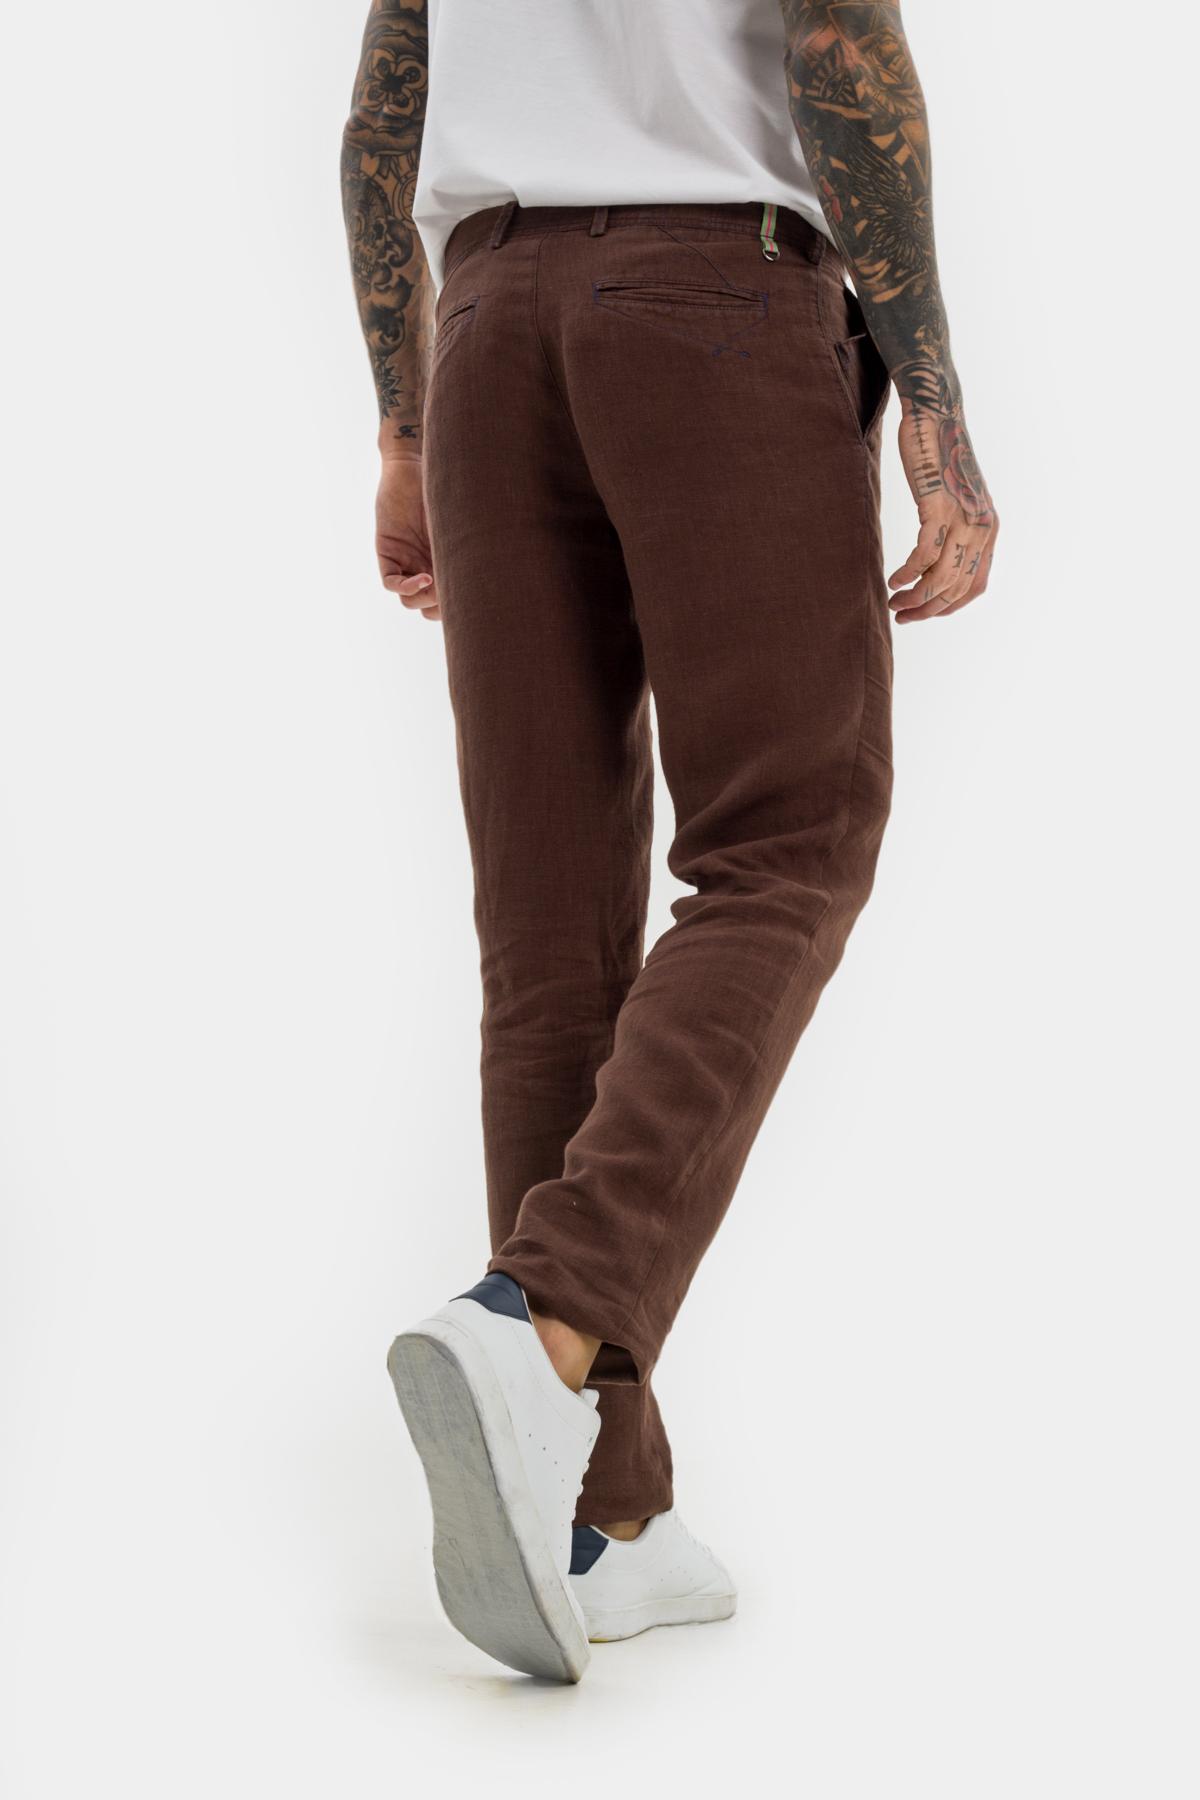 Зауженные брюки «chinos»,  изо льна.  Vaismann  21503